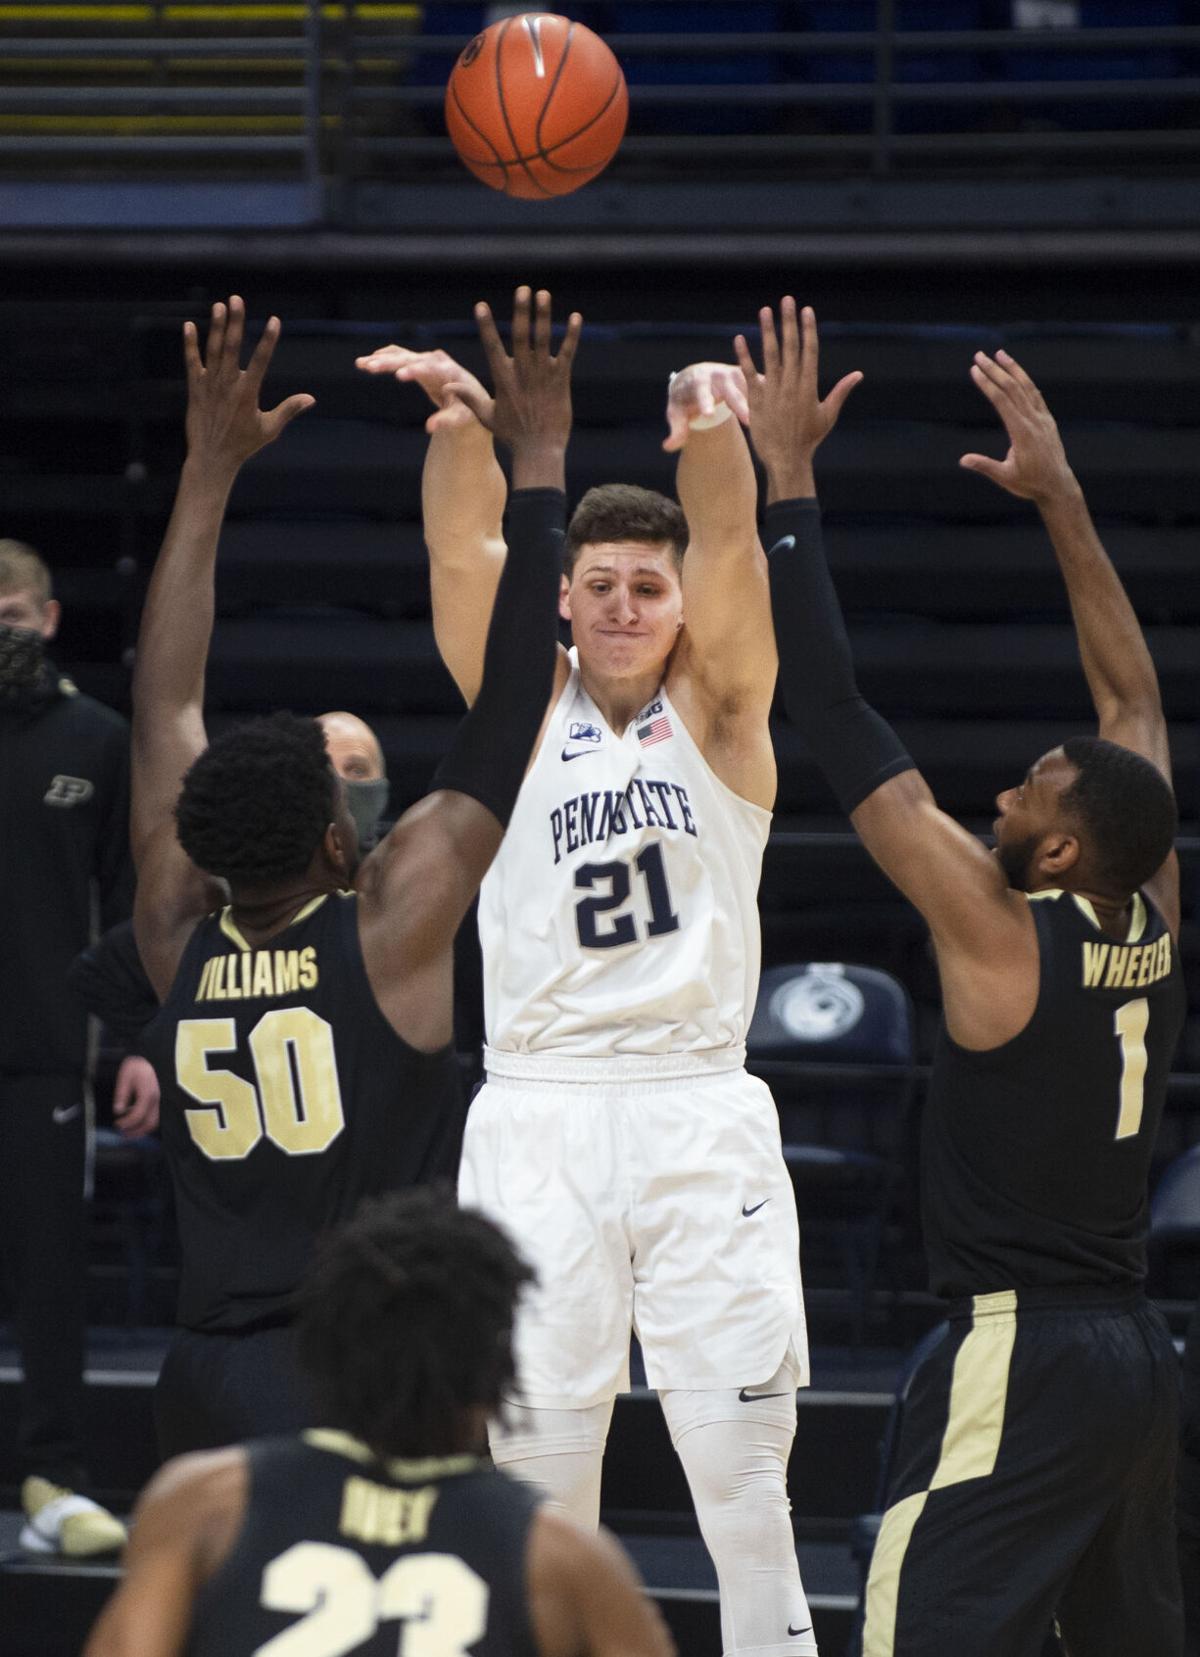 Penn State Men's Basketball vs Purdue, Harrar (21)